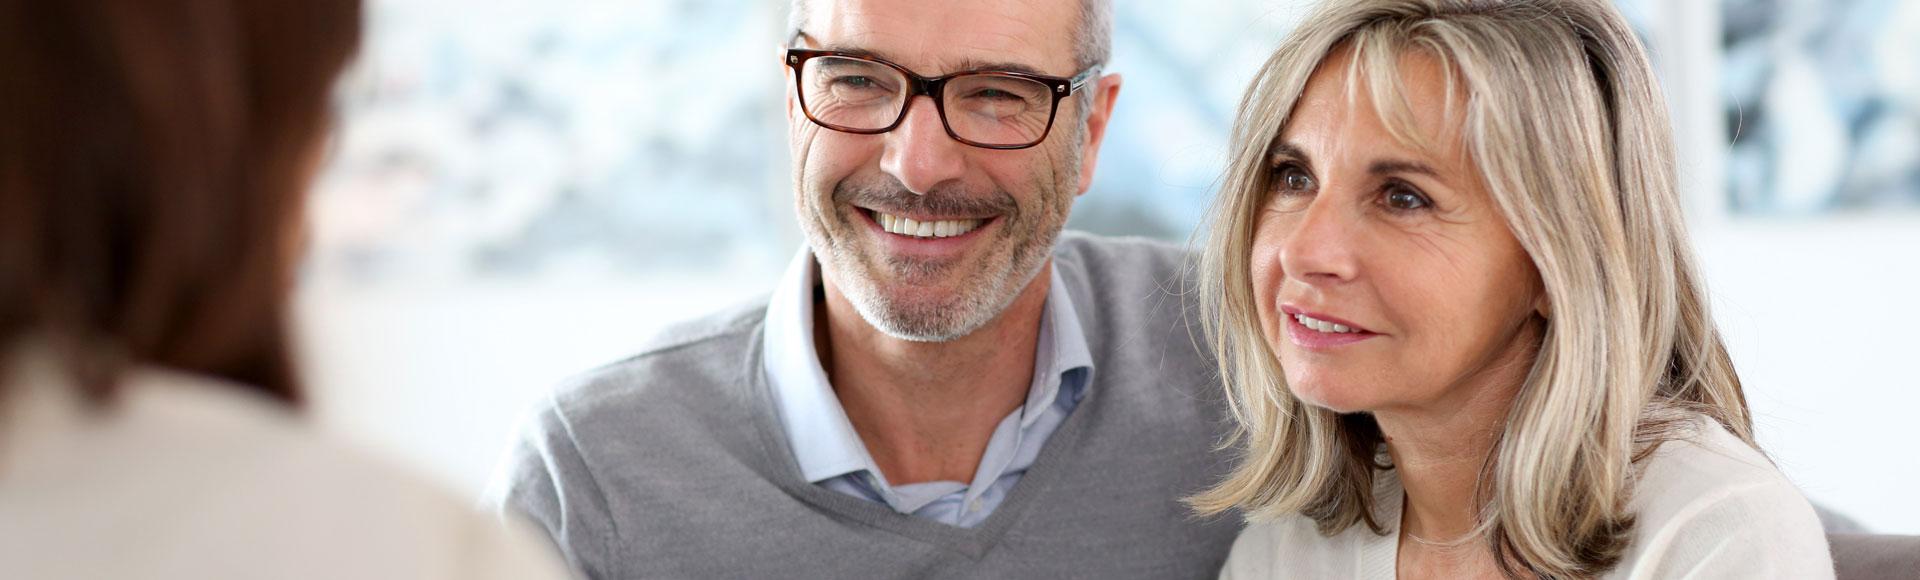 La suscripción en el seguro de Vida: algo está cambiando